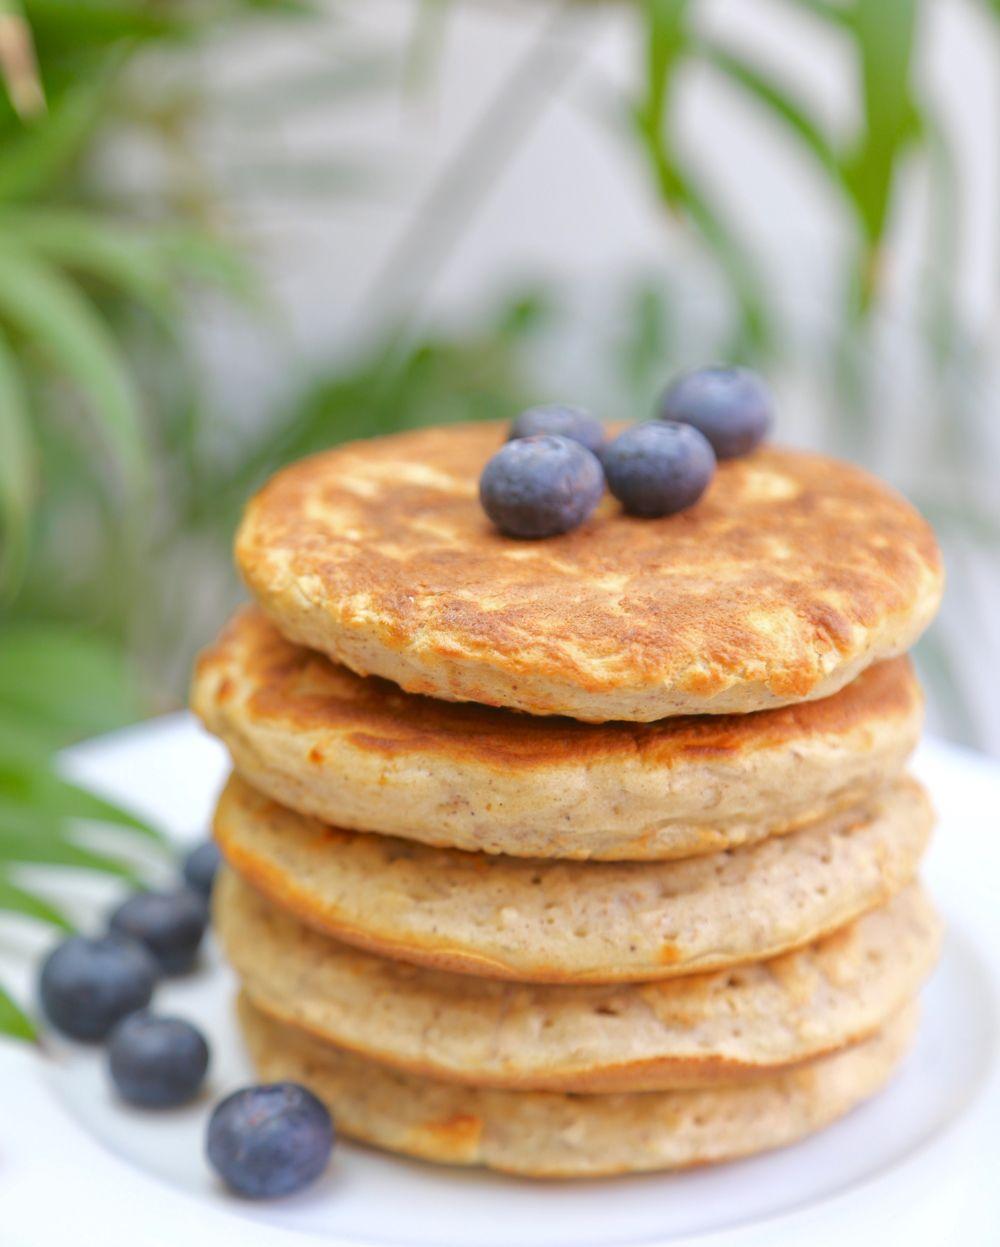 Cool Pancakes Recette Sans Levure Chimique - Dominique Laurent